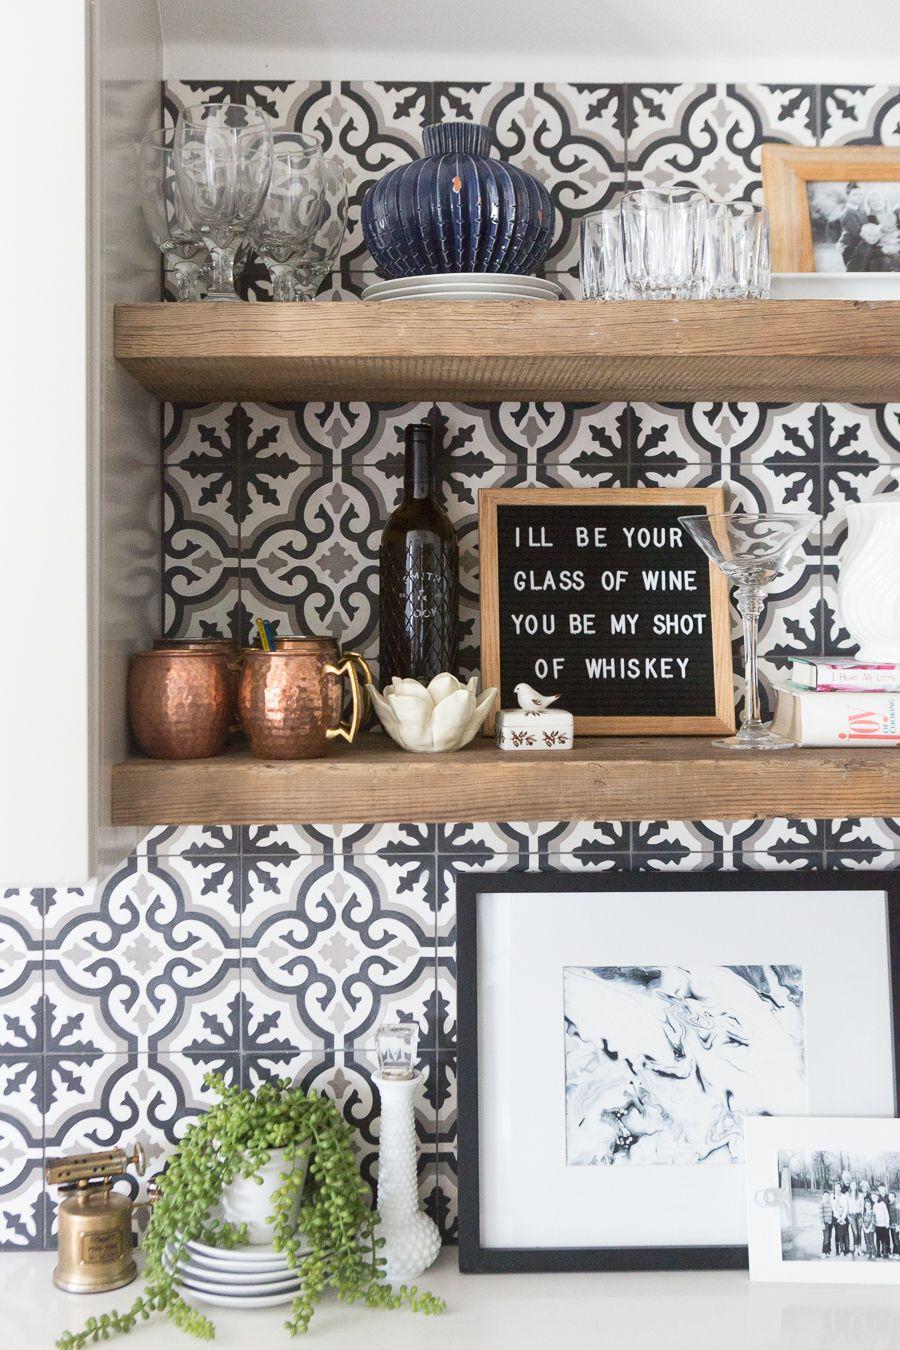 Affordable Ceramic Patterned Tile Backsplash And Flooring Cc And Mike Patterned Tile Backsplash Tile Backsplash Wood Backsplash